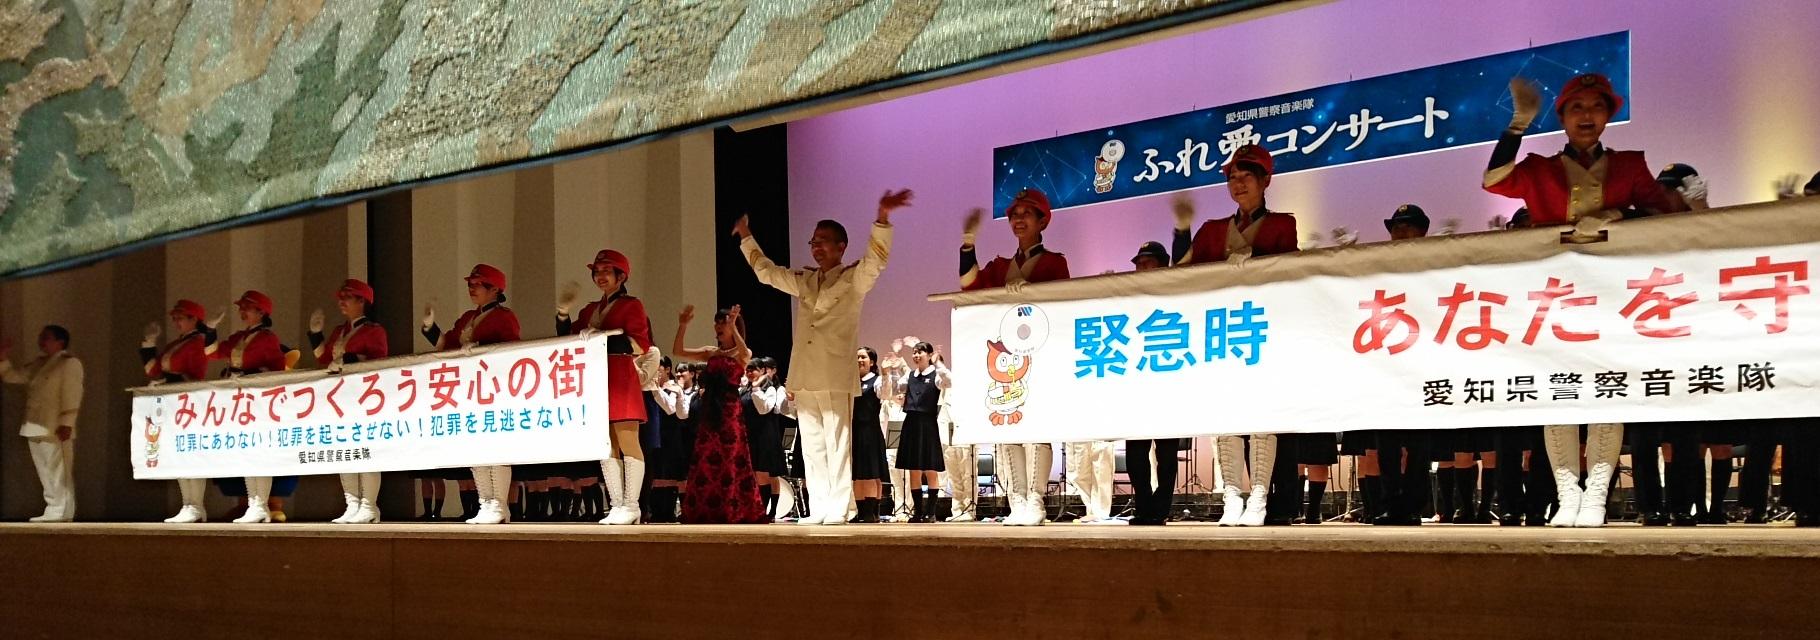 2016.12.10 愛知県警察音楽隊ふれ愛コンサート (5) 1820-640